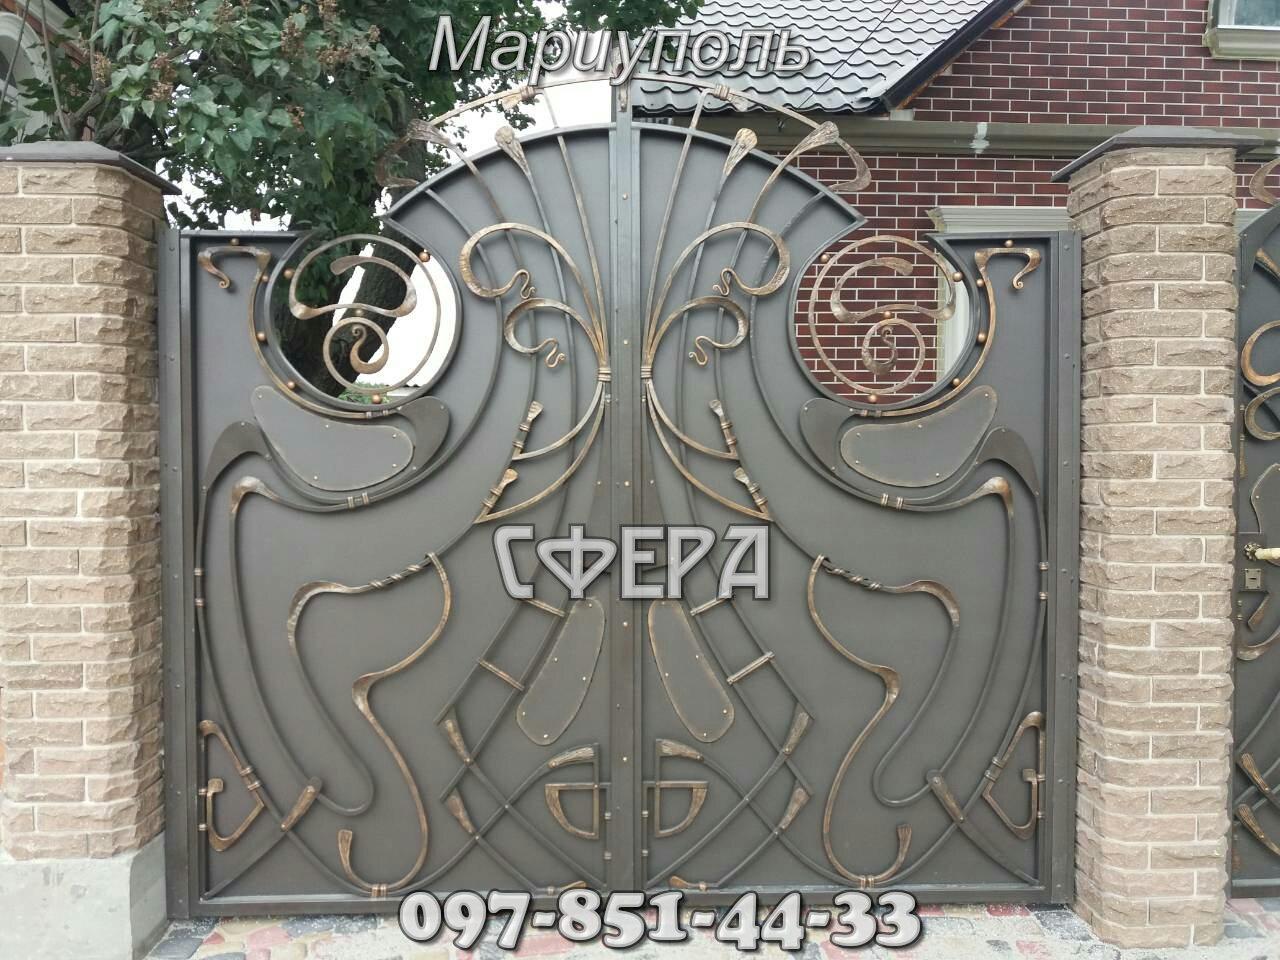 Кованые ворота, металлические, въездные. Мариуполь. фото 4